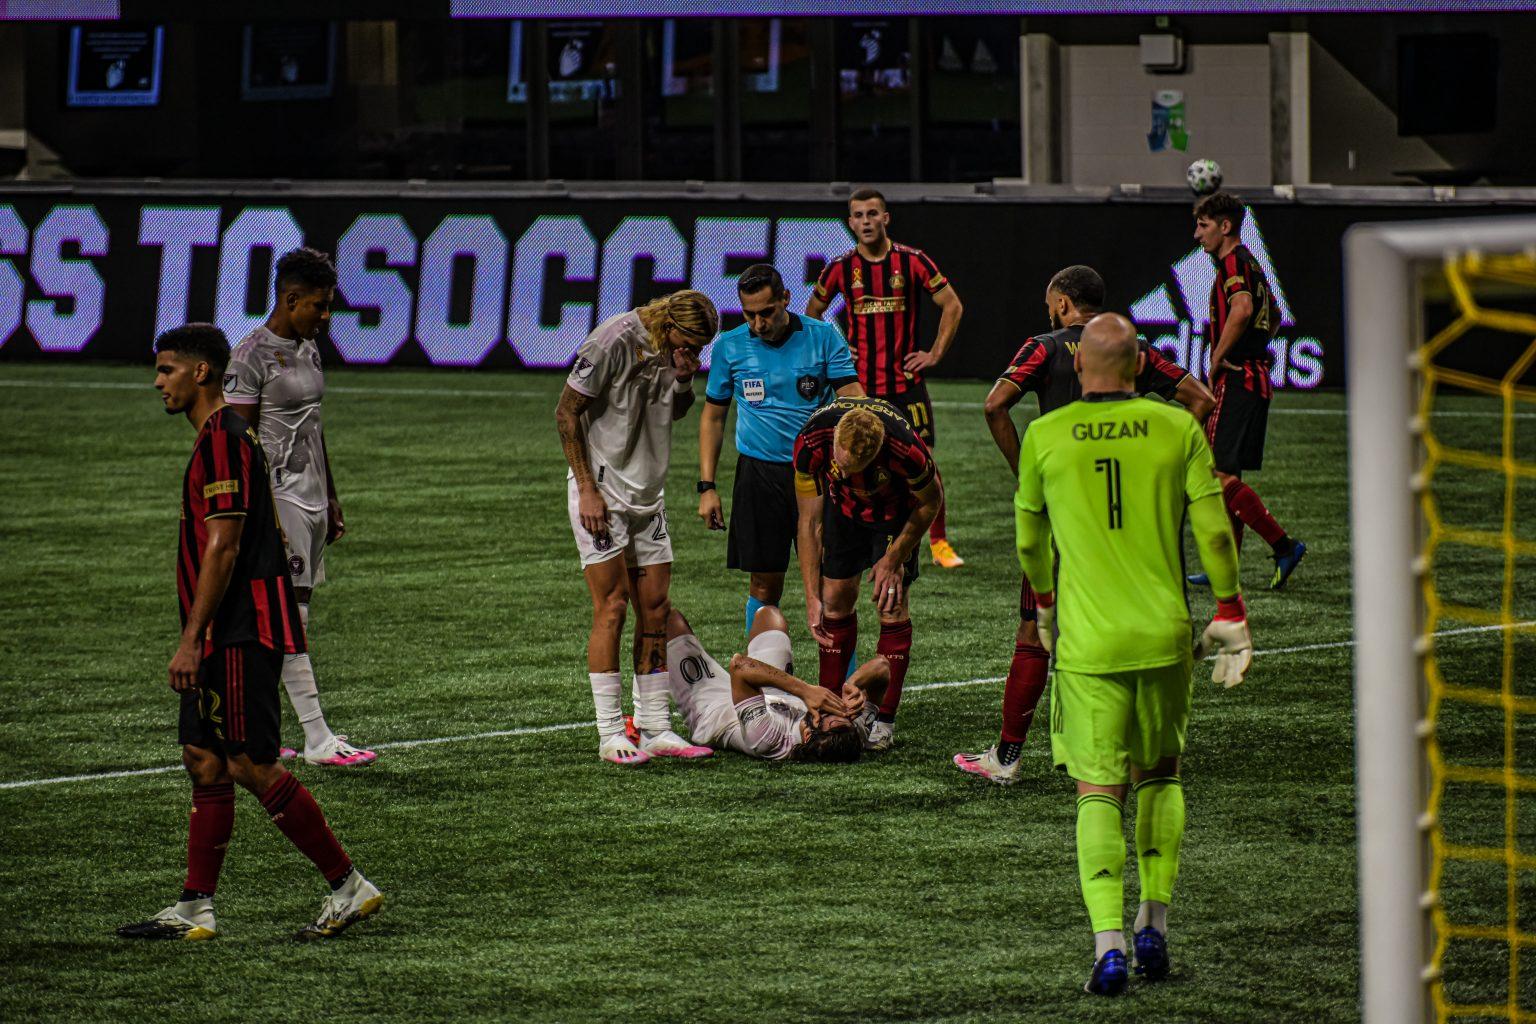 atlanta united pierde ante el inter miami 2-1 - deportes